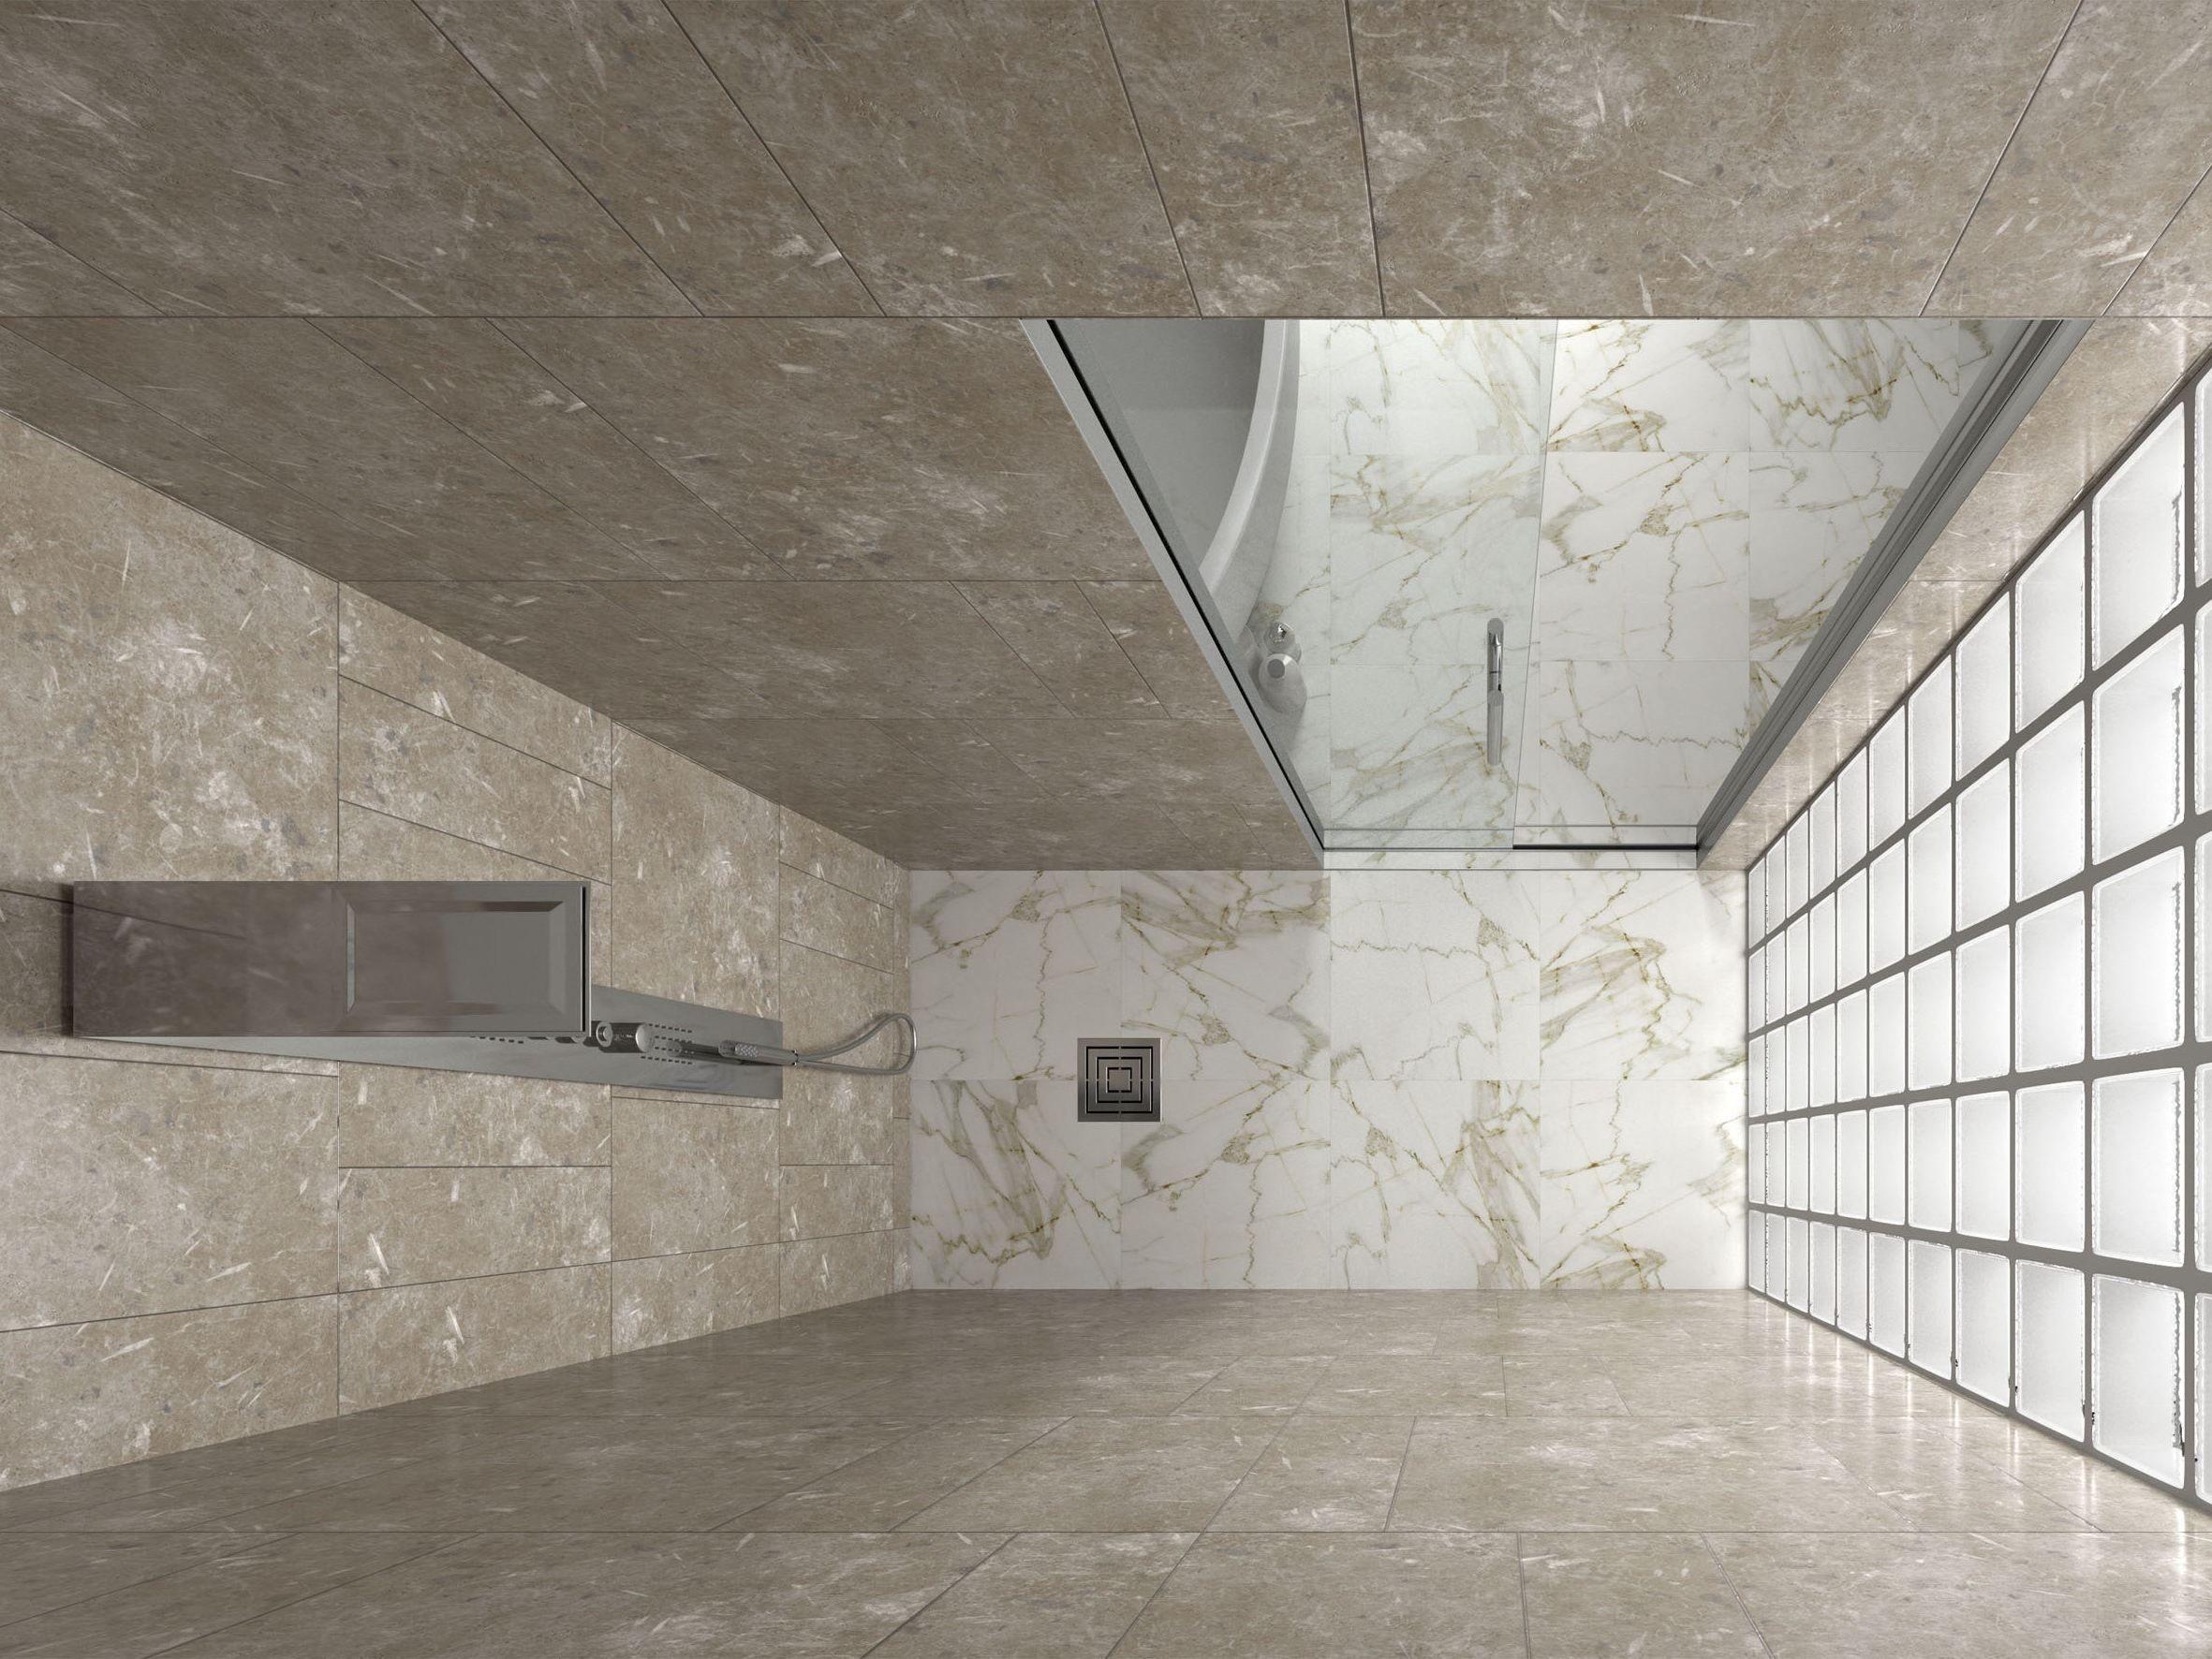 Porta scorrevole interno muro per box doccia essential - Porta asciugamani bagno senza forare muro ...